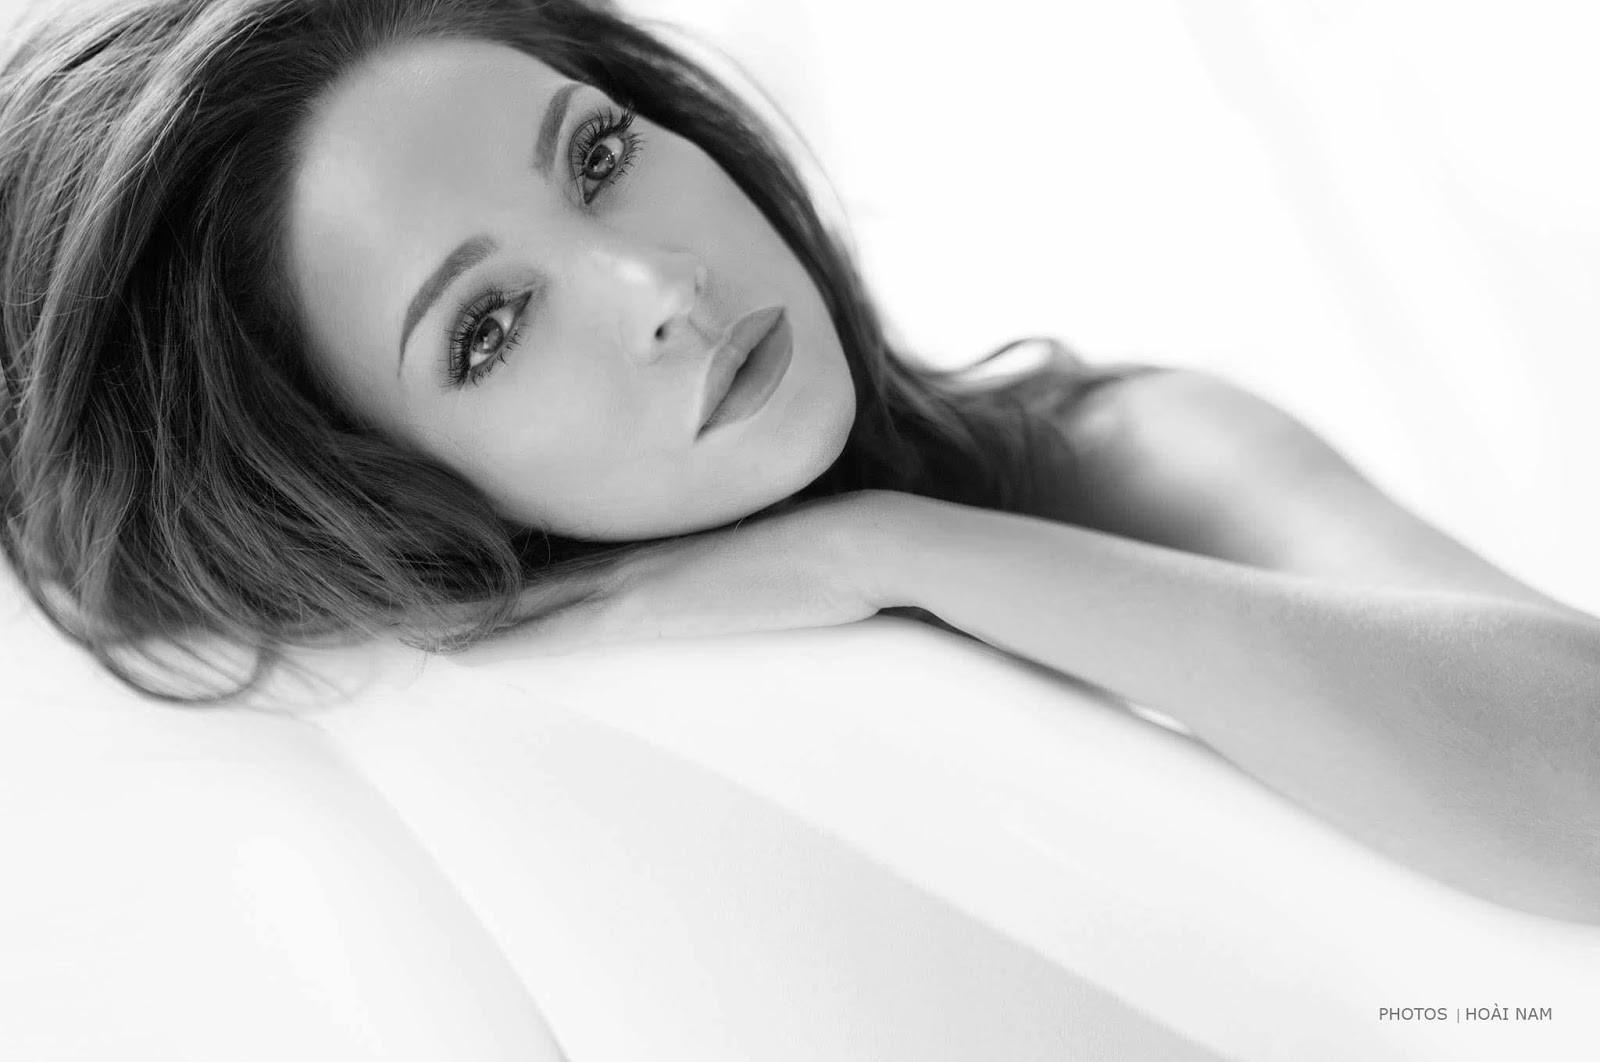 Thanh Hà sử dụng lại những thước phim hậu trường chụp ảnh nude của 3 năm trước cho MV mới - Ảnh 2.